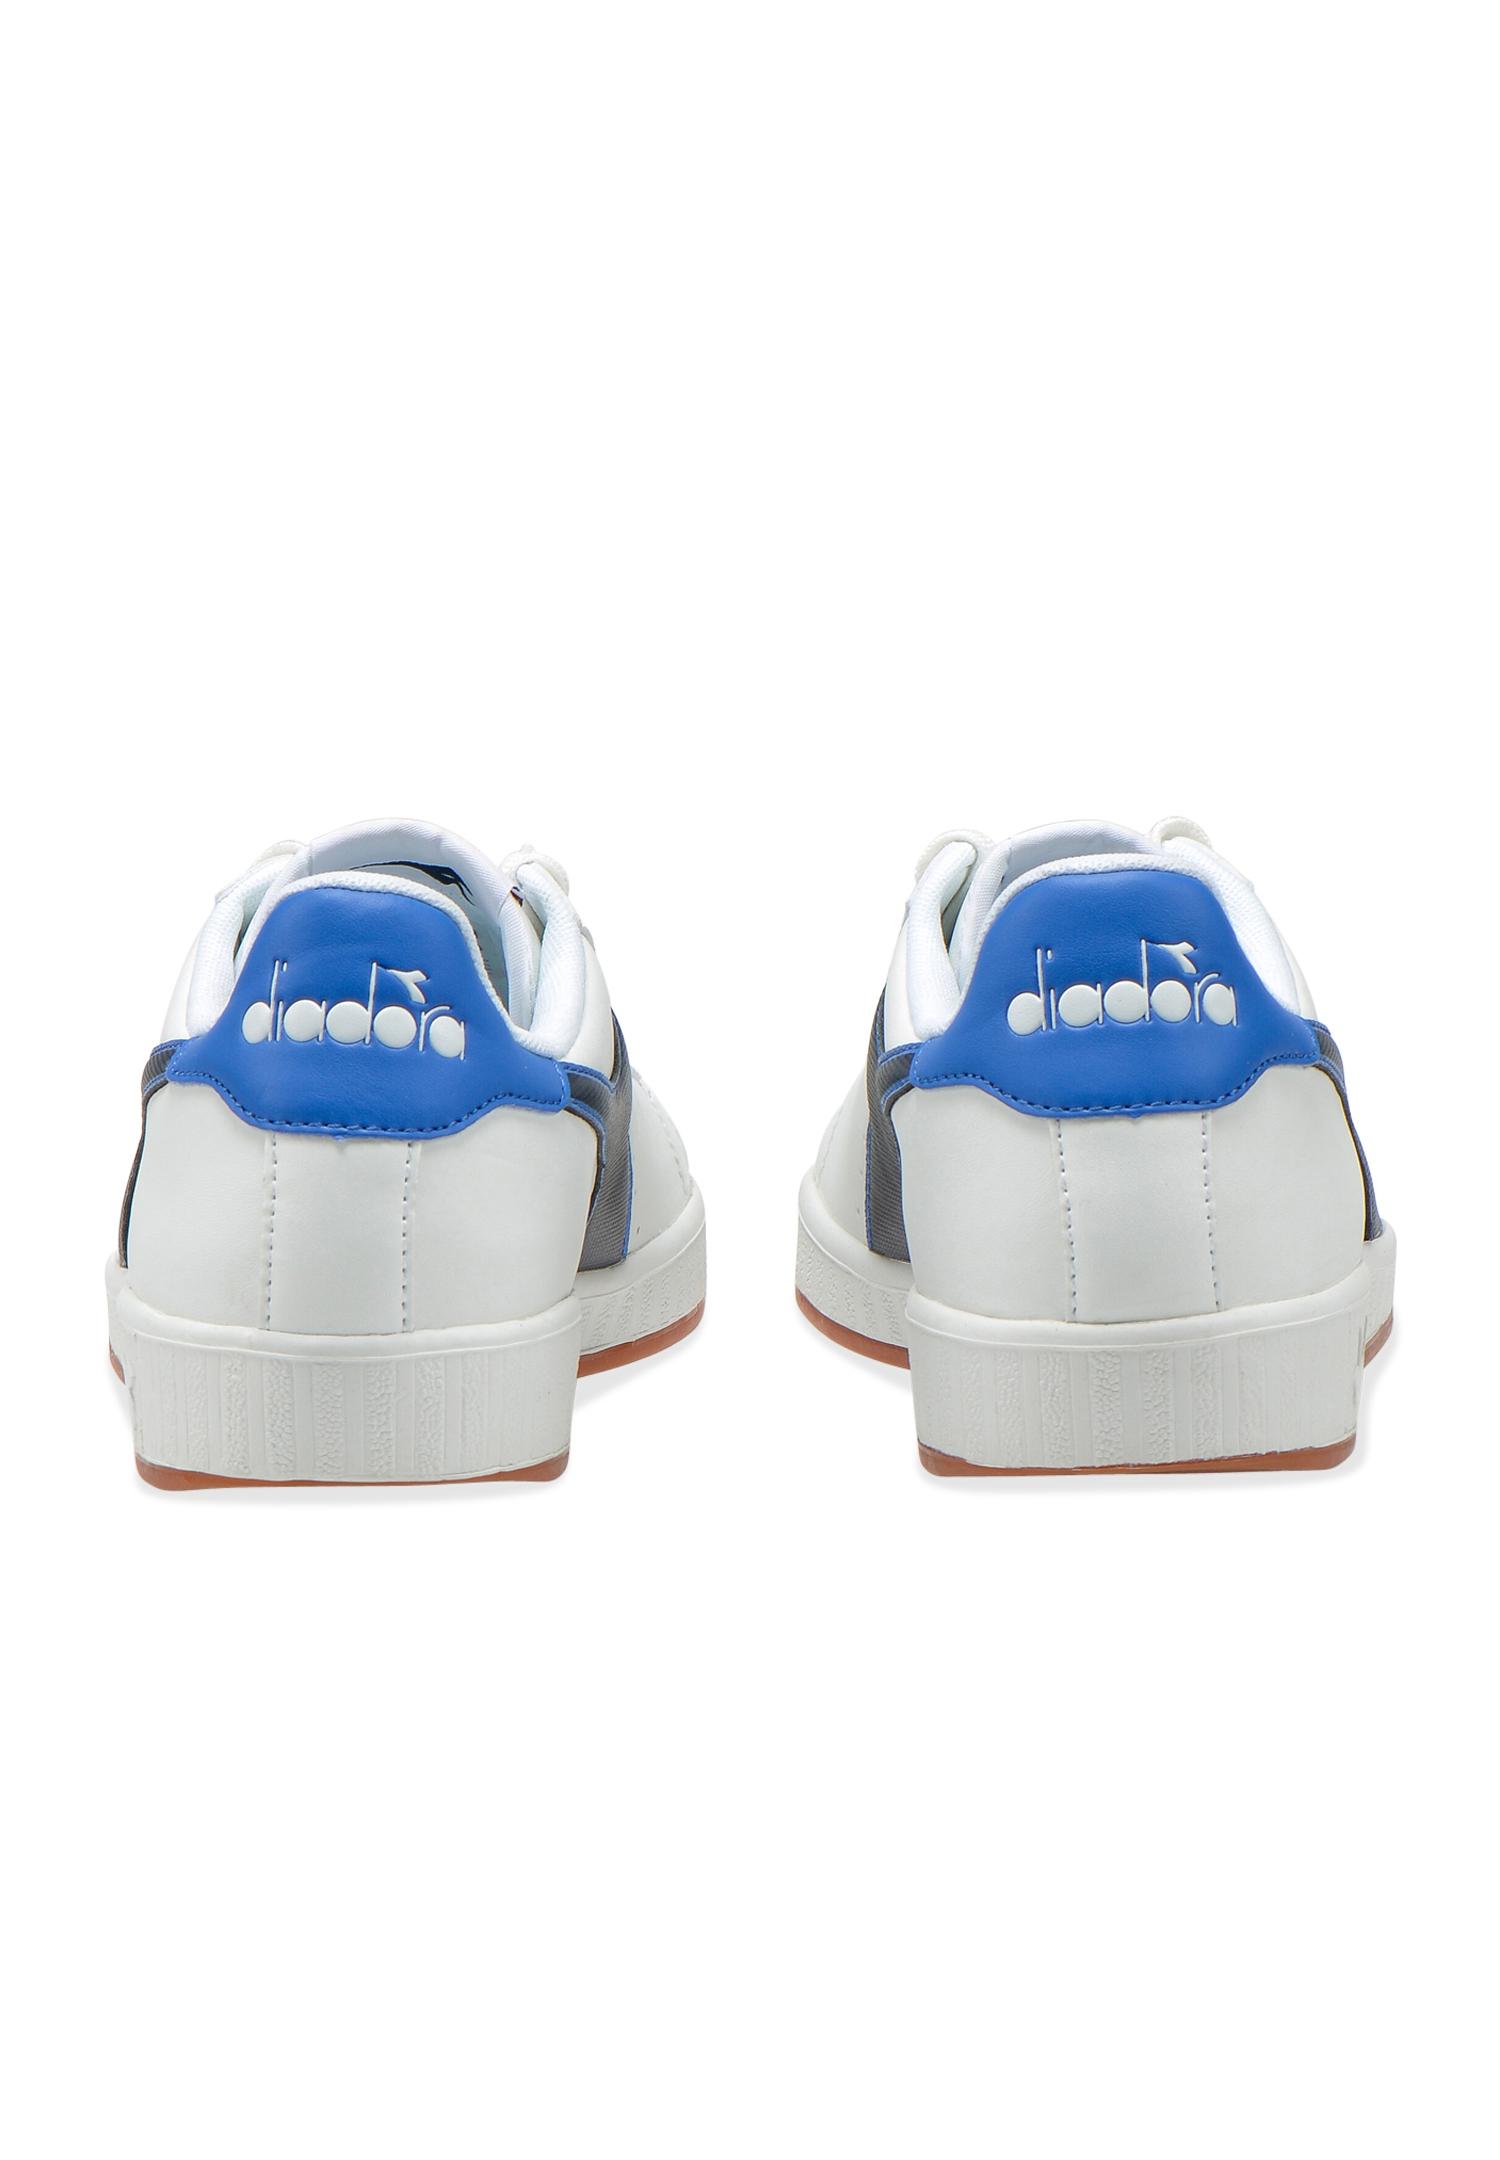 Diadora-Scarpe-Sportive-GAME-P-per-uomo-e-donna miniatura 19